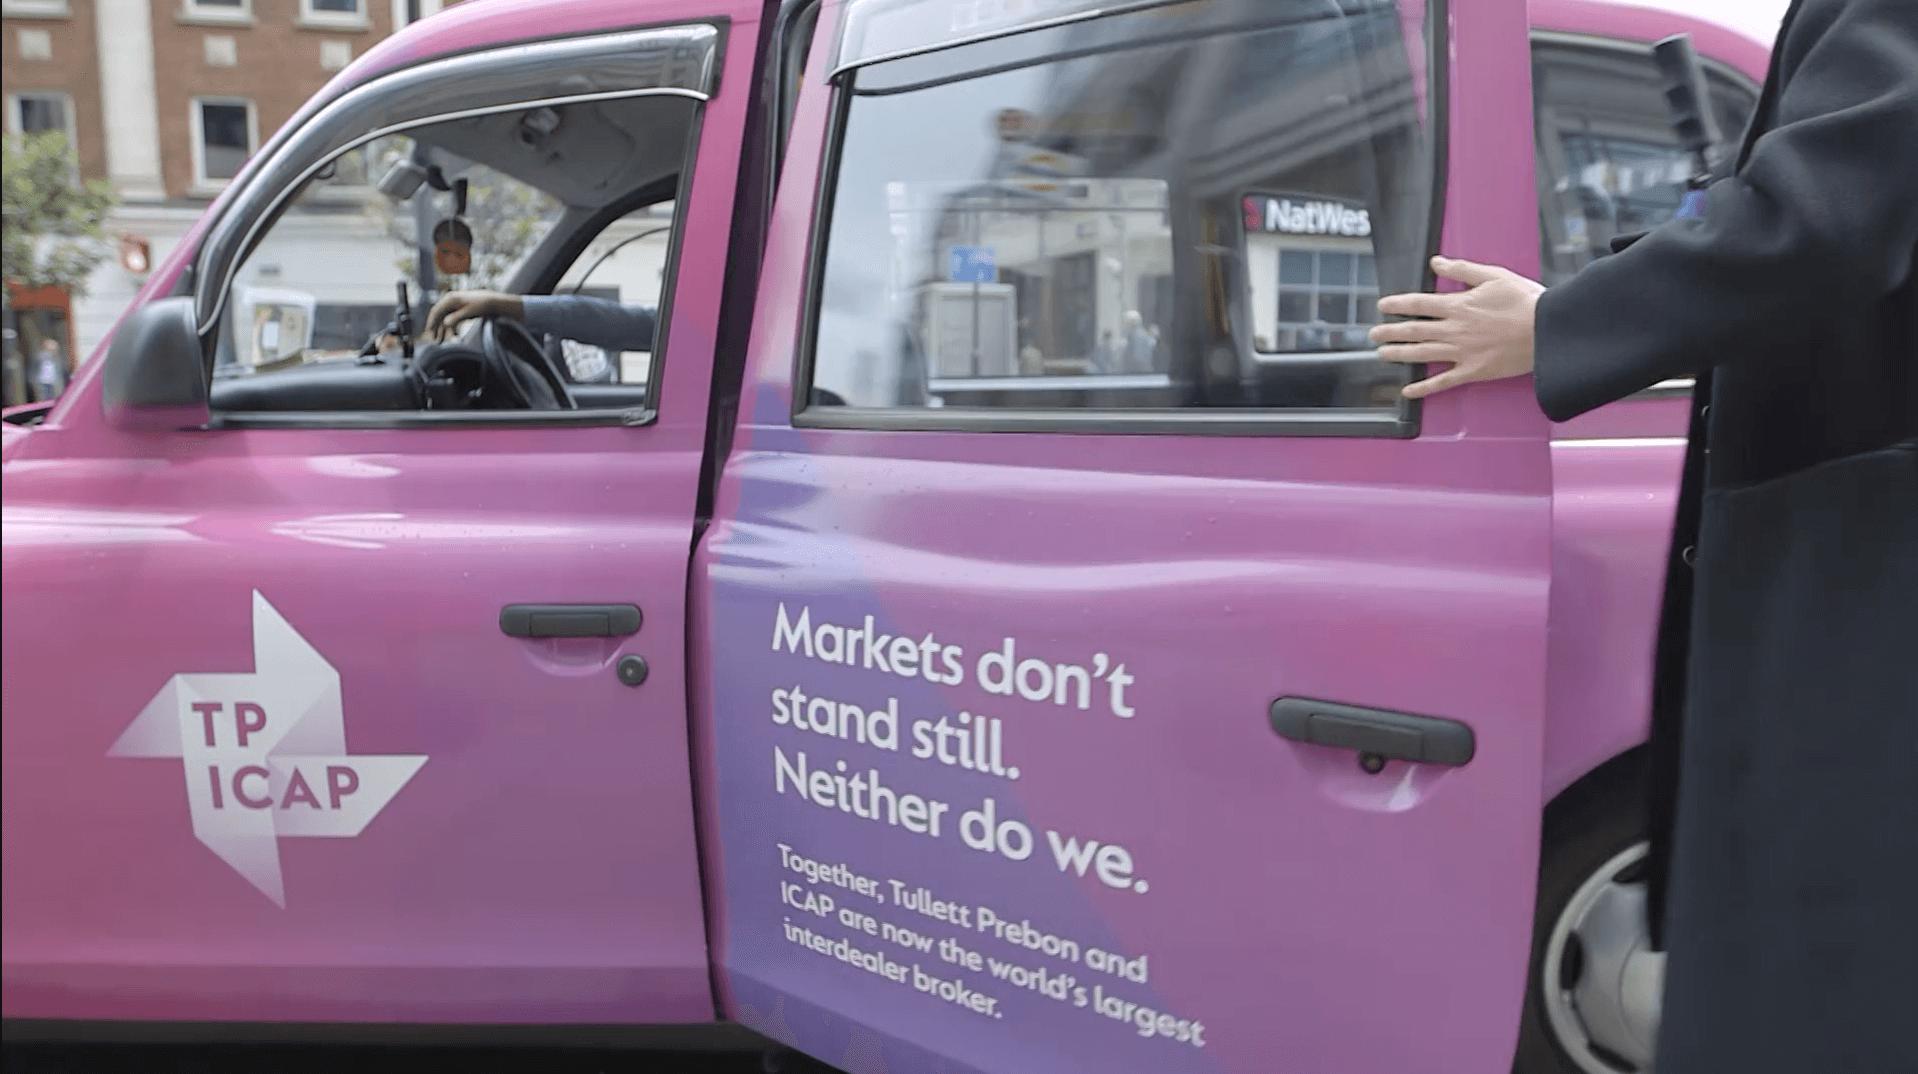 TPICAP Car Ad